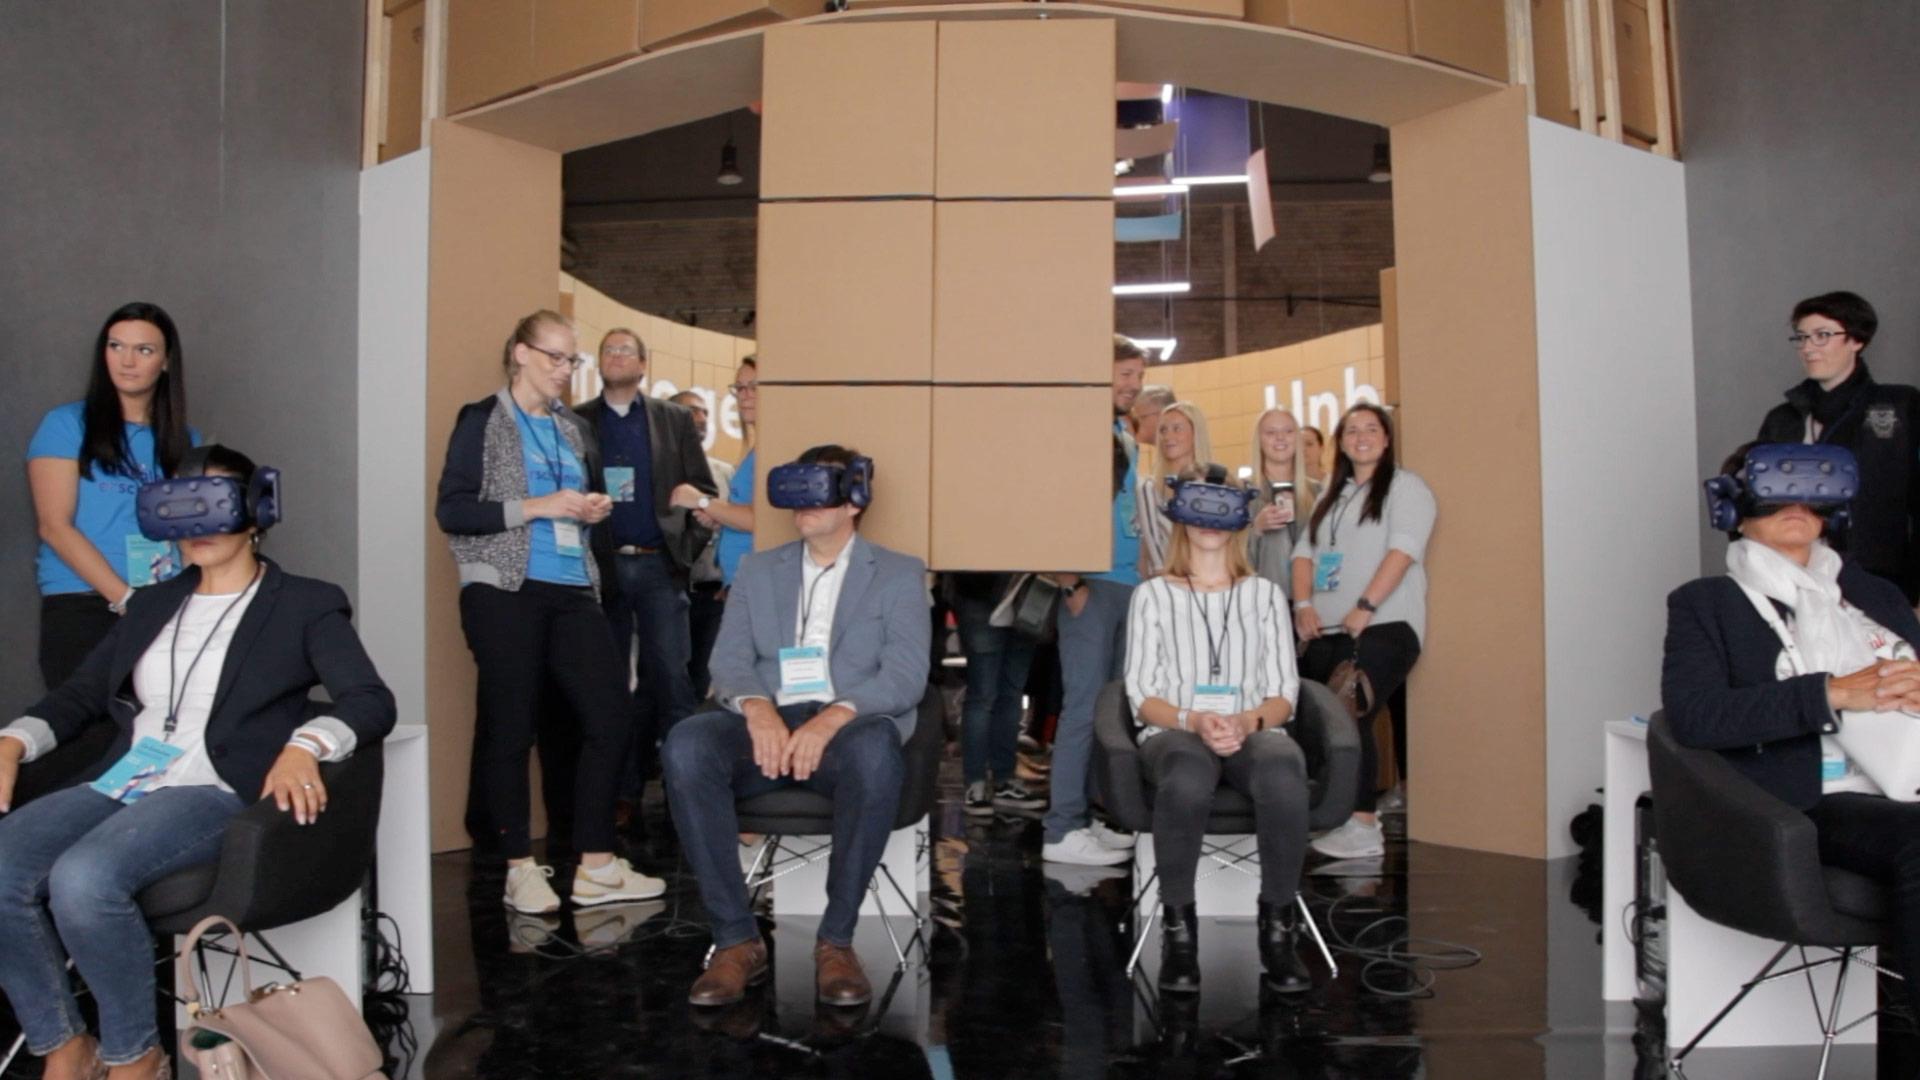 VR Experience für die Health AG. Nutzung der HTC Vive Pro & Unreal Enging. Realtime Location based Experience mit Challenge Effekt für den User am Ende. Die Zukunft der Digitalisierung in Form eine VR Experience für die Health AG. Gemeinsam mit Mutabor entwickelt.